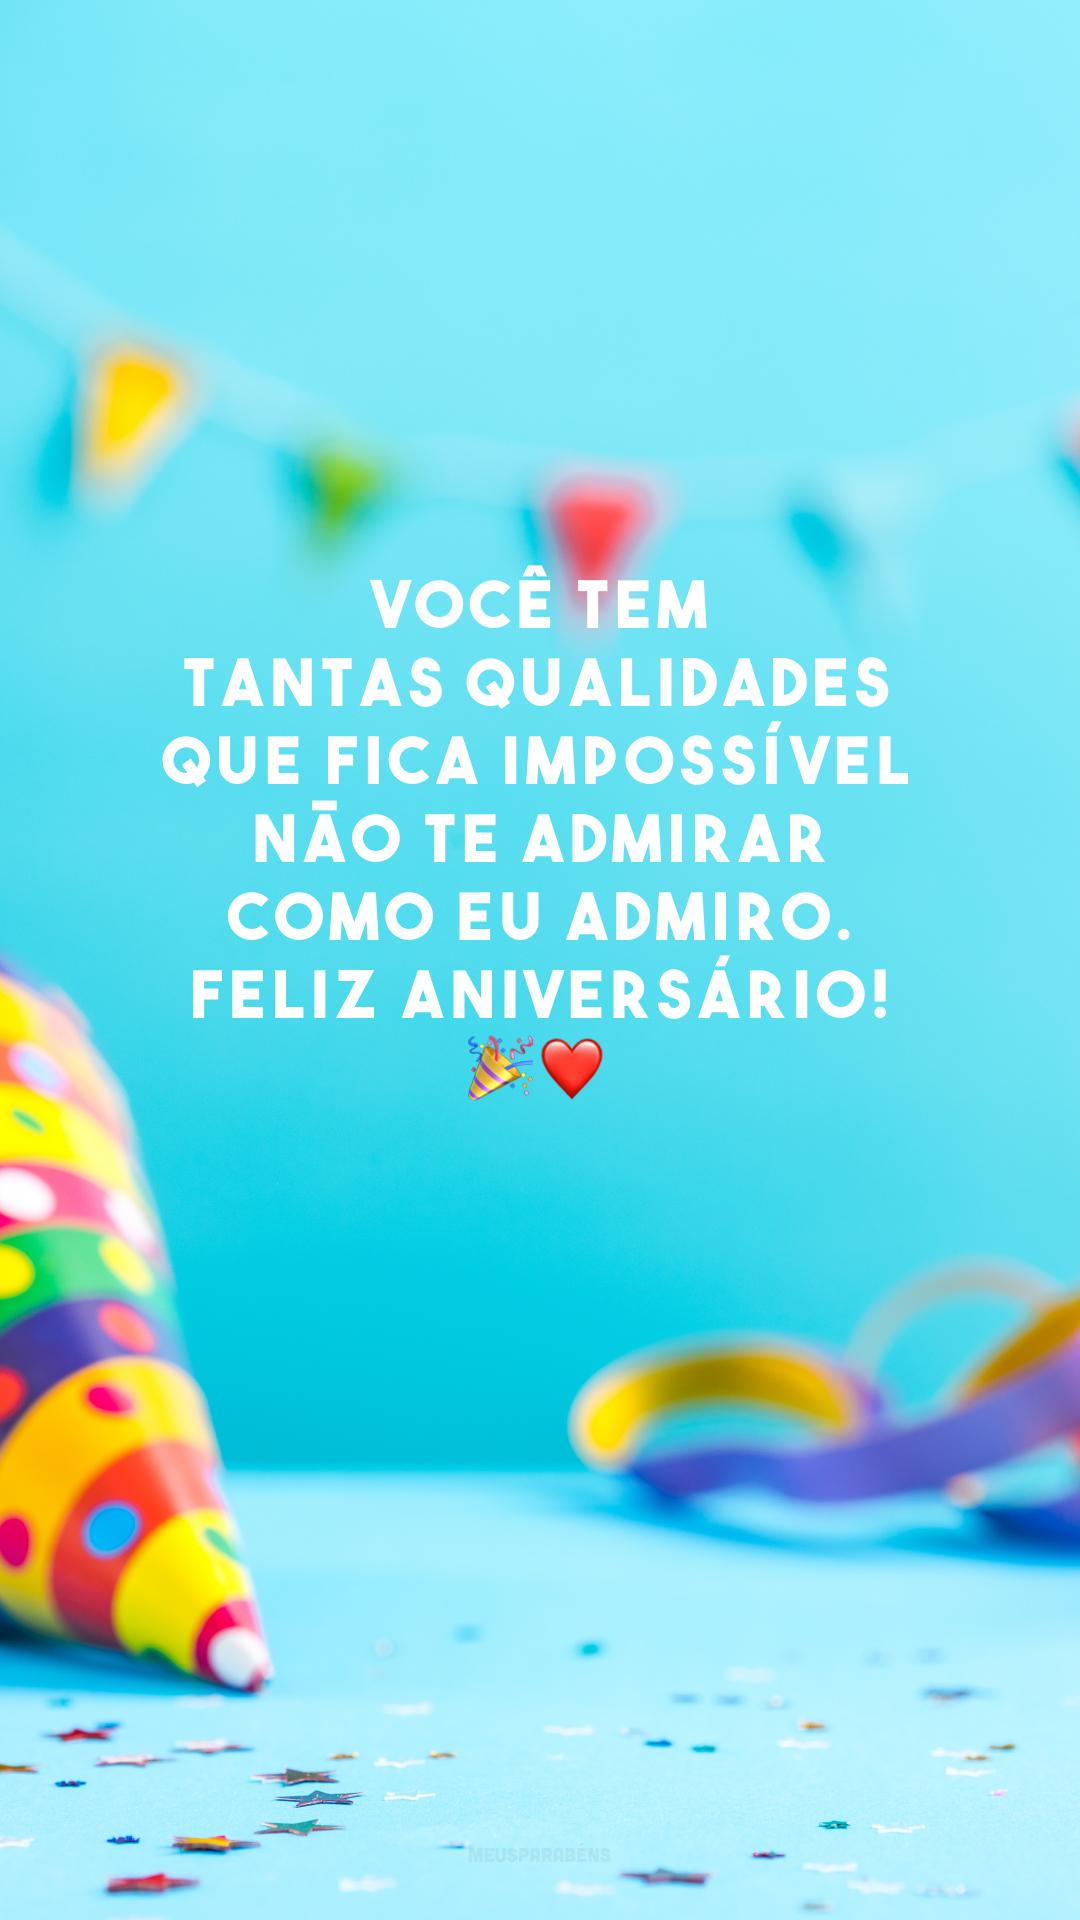 Você tem tantas qualidades que fica impossível não te admirar como eu admiro. Feliz aniversário! 🎉❤️